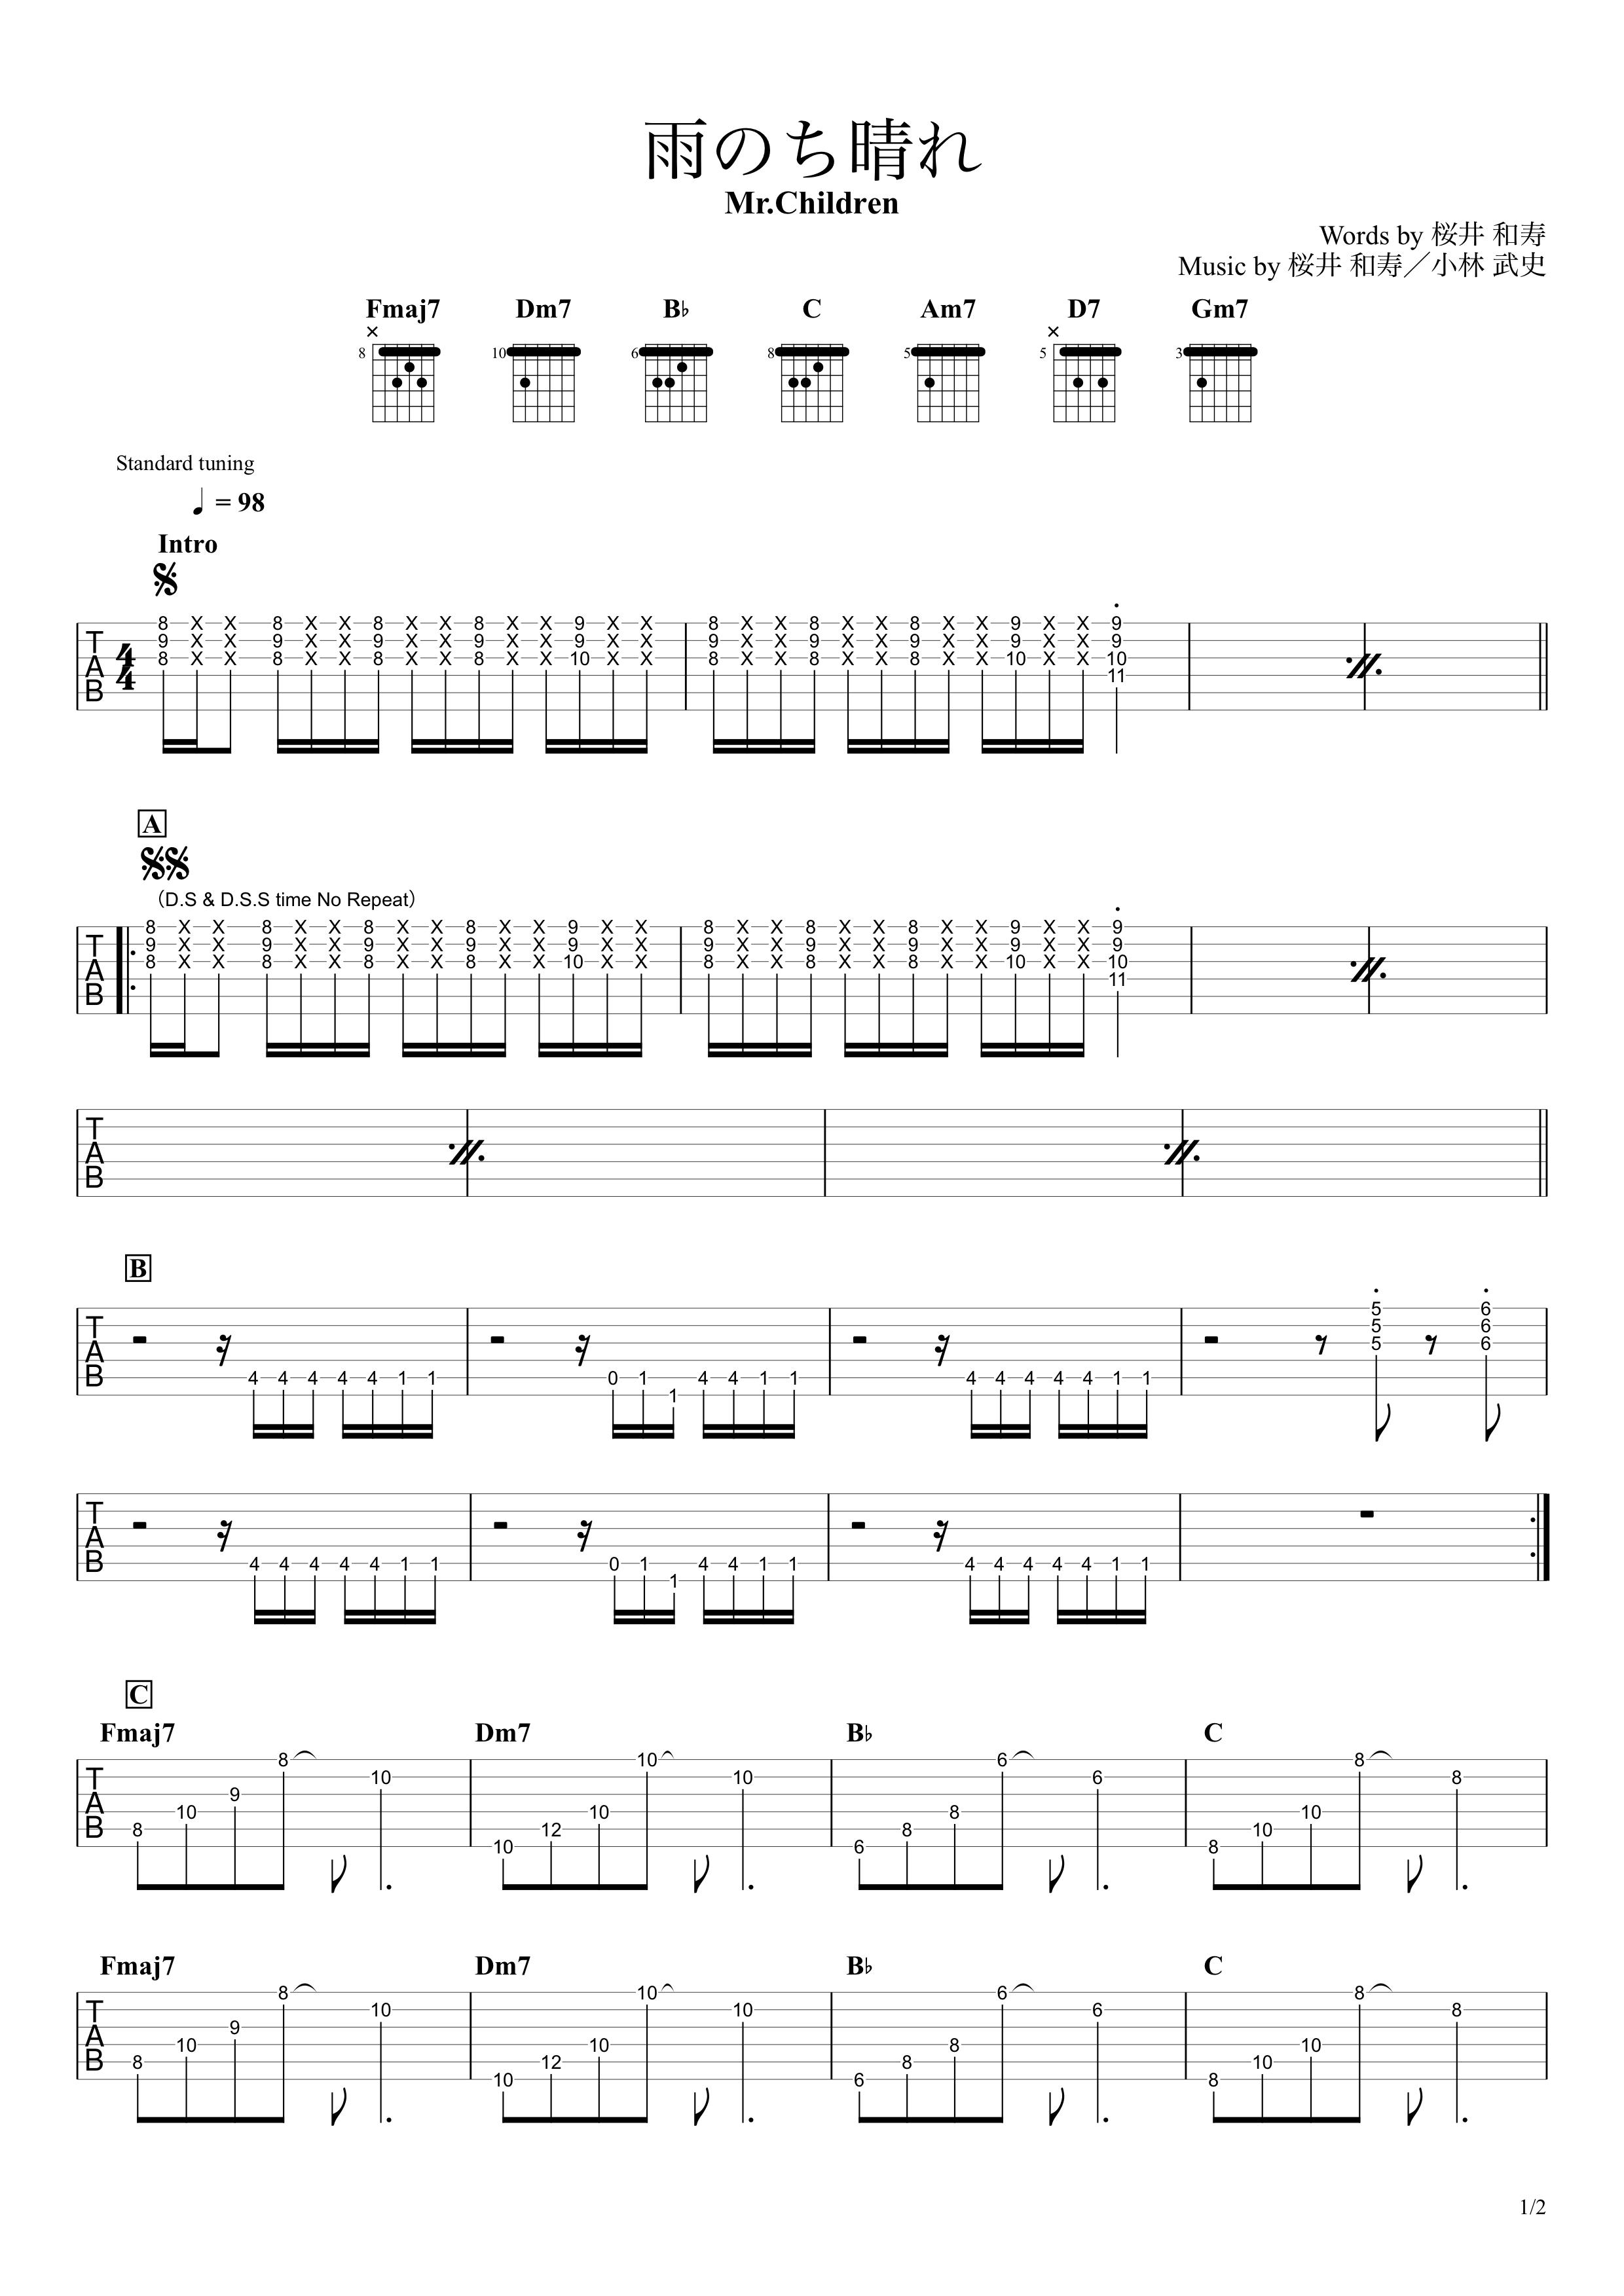 雨のち晴れ/Mr.Children ギタータブ譜 リードギター完コピVer.01